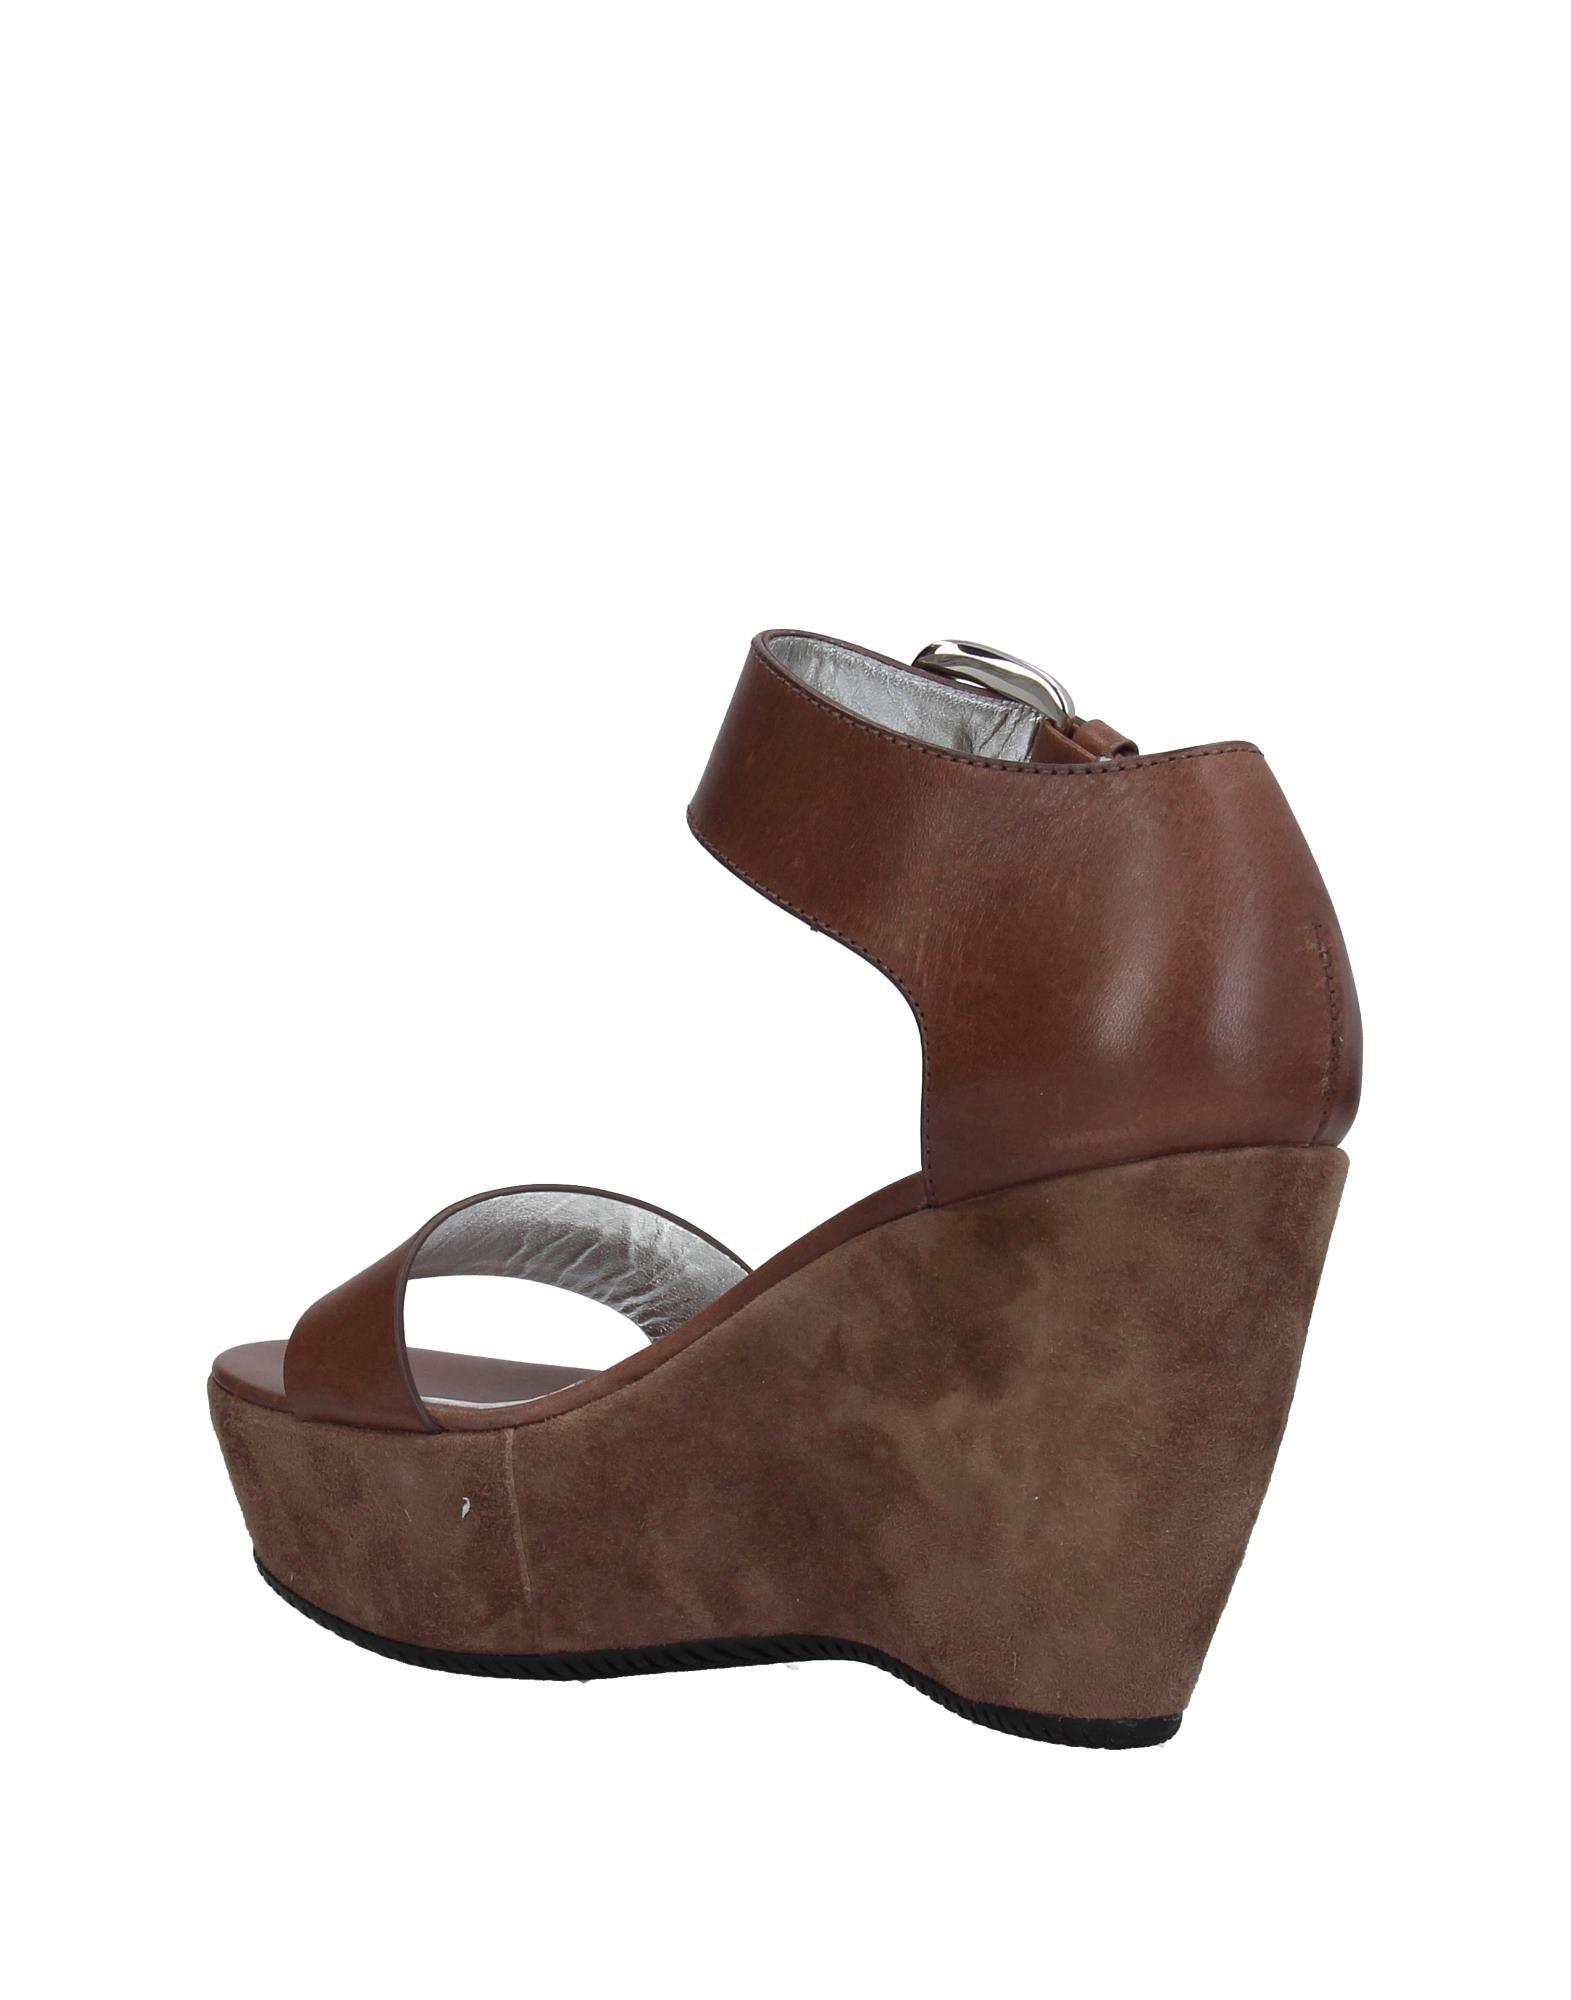 Hogan Sandalen Damen  11397252LI Heiße Schuhe 9be75c